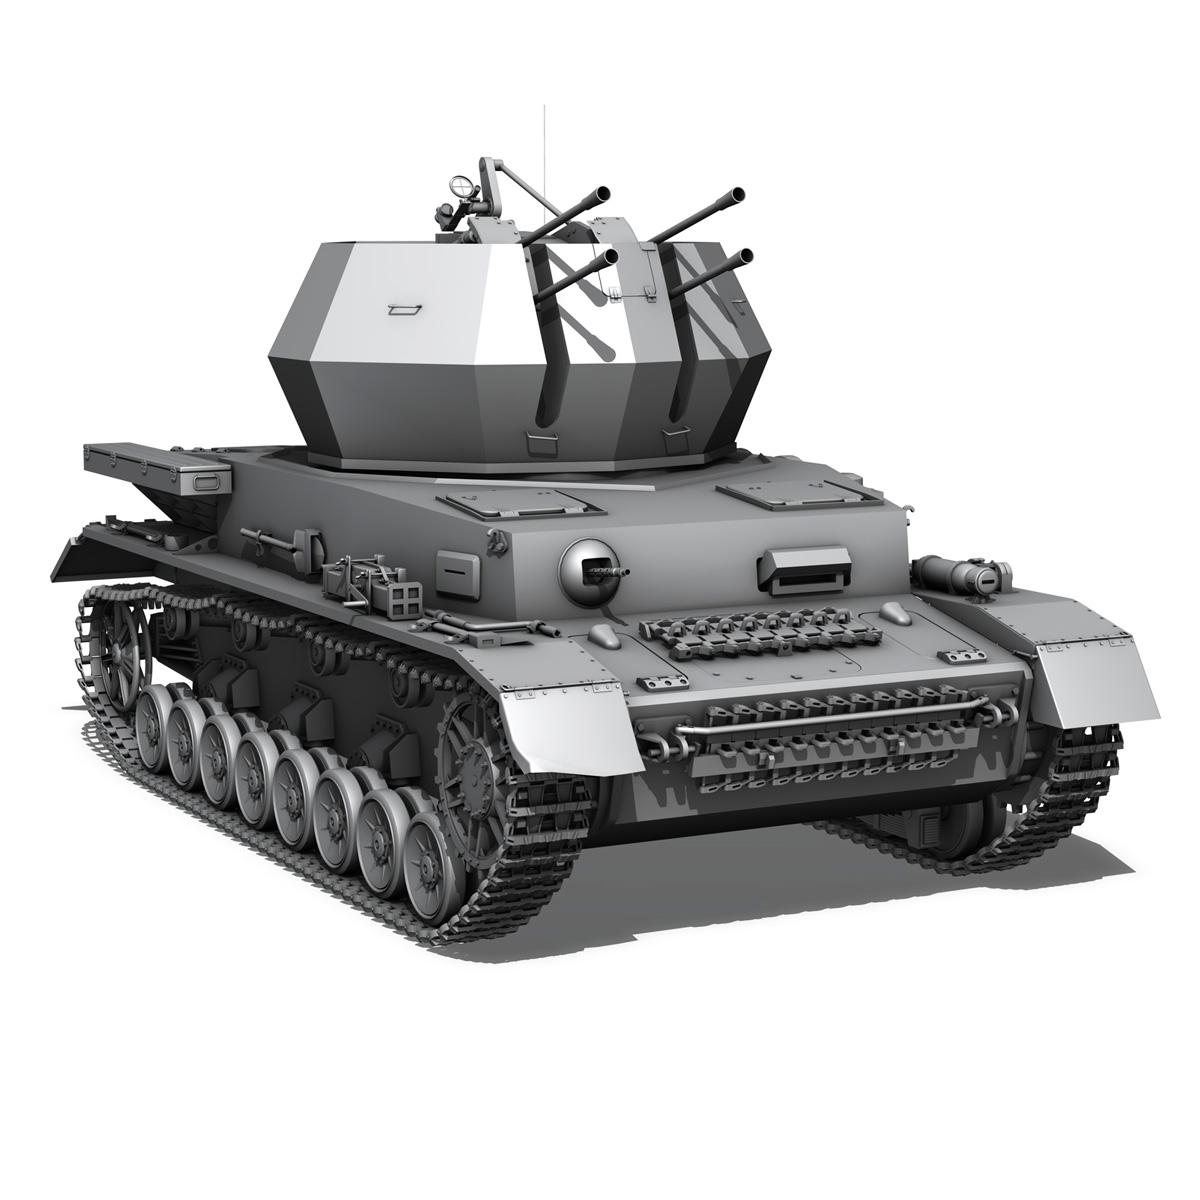 flakpanzer 4 - wirbelwind 3d model 3ds fbx c4d lwo obj 190389